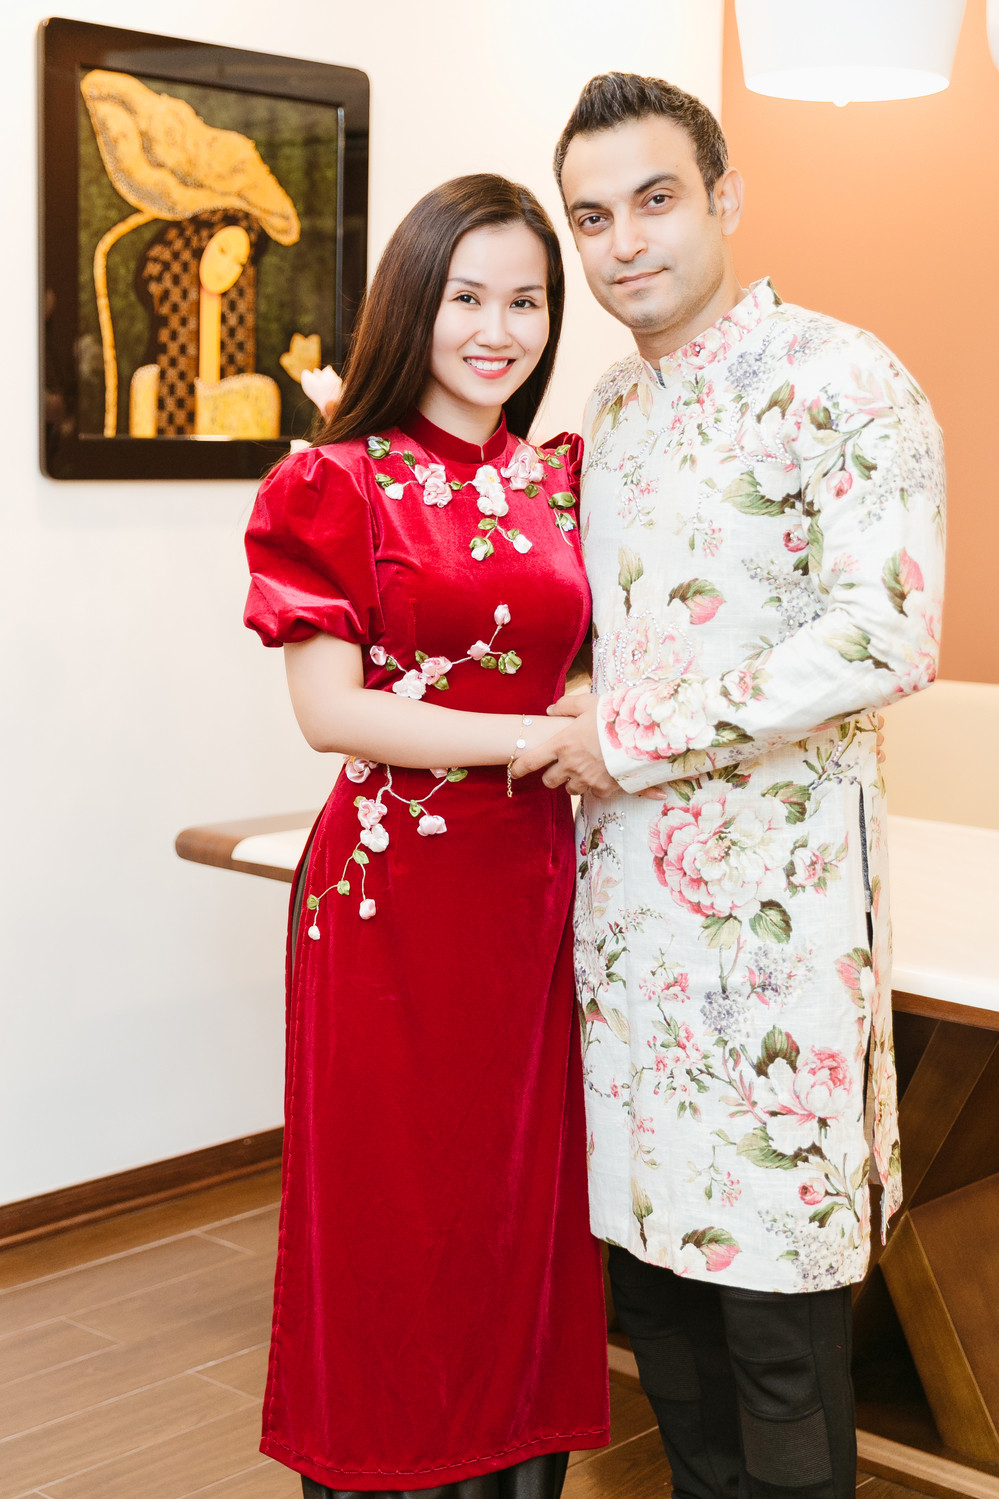 Võ Hạ Trâm cùng chồng Ấn Độ hạnh phúc cùng nhau trang hoàng nhà cửa đón Tết